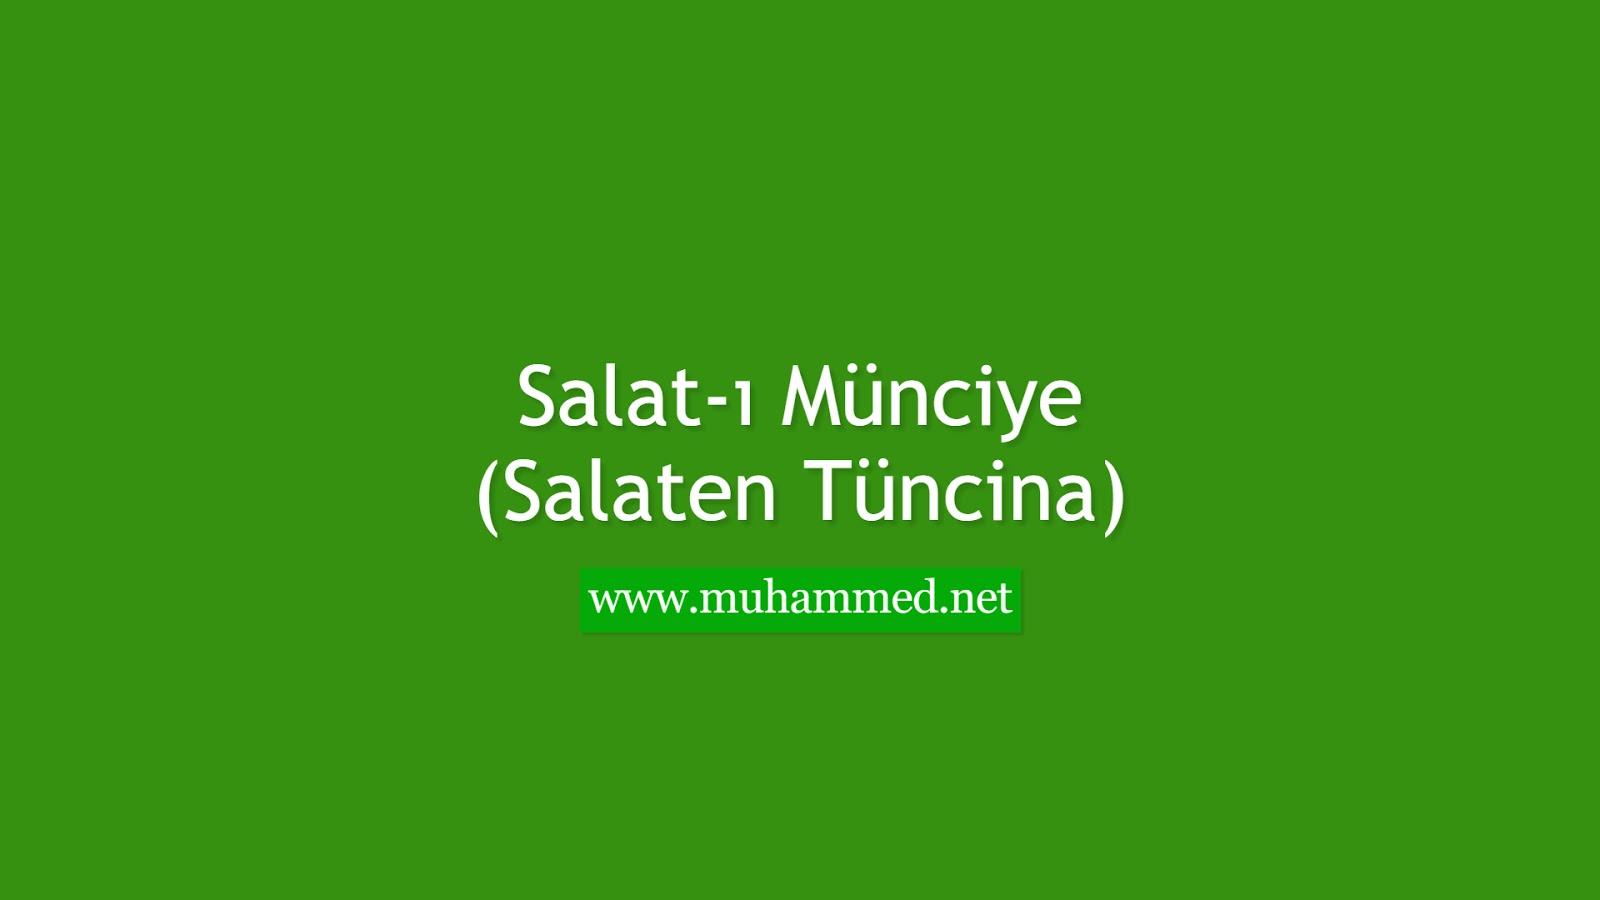 Salat-ı Münciye (Salaten Tüncina)